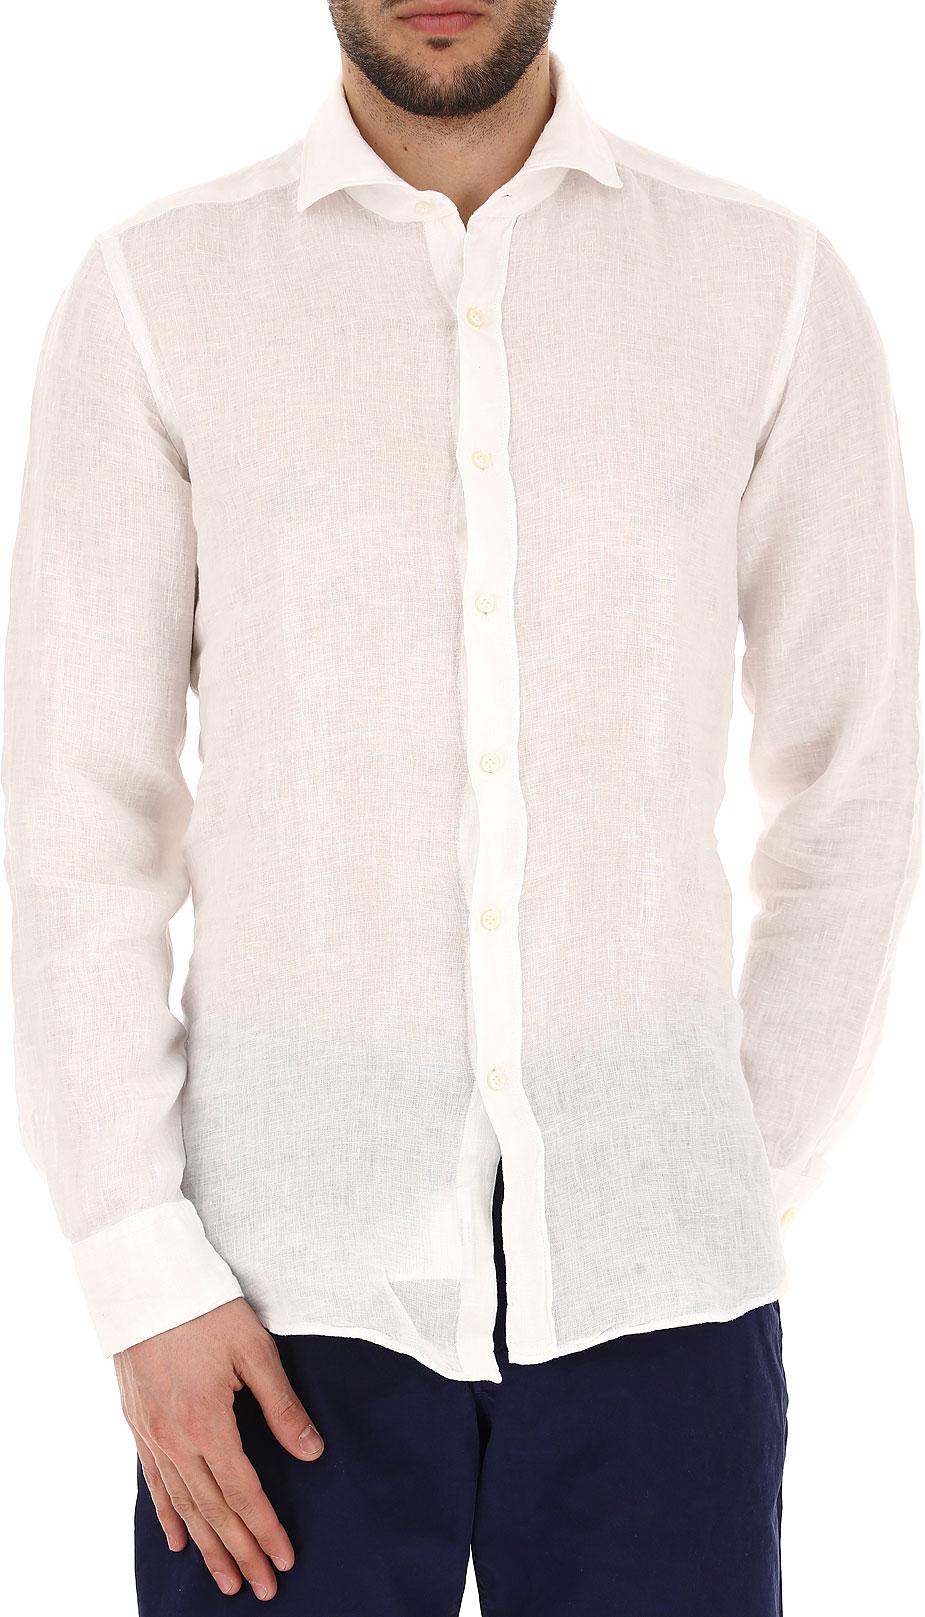 Abbigliamento Uomo Fay, Codice Articolo: ncma136262thtkb001--